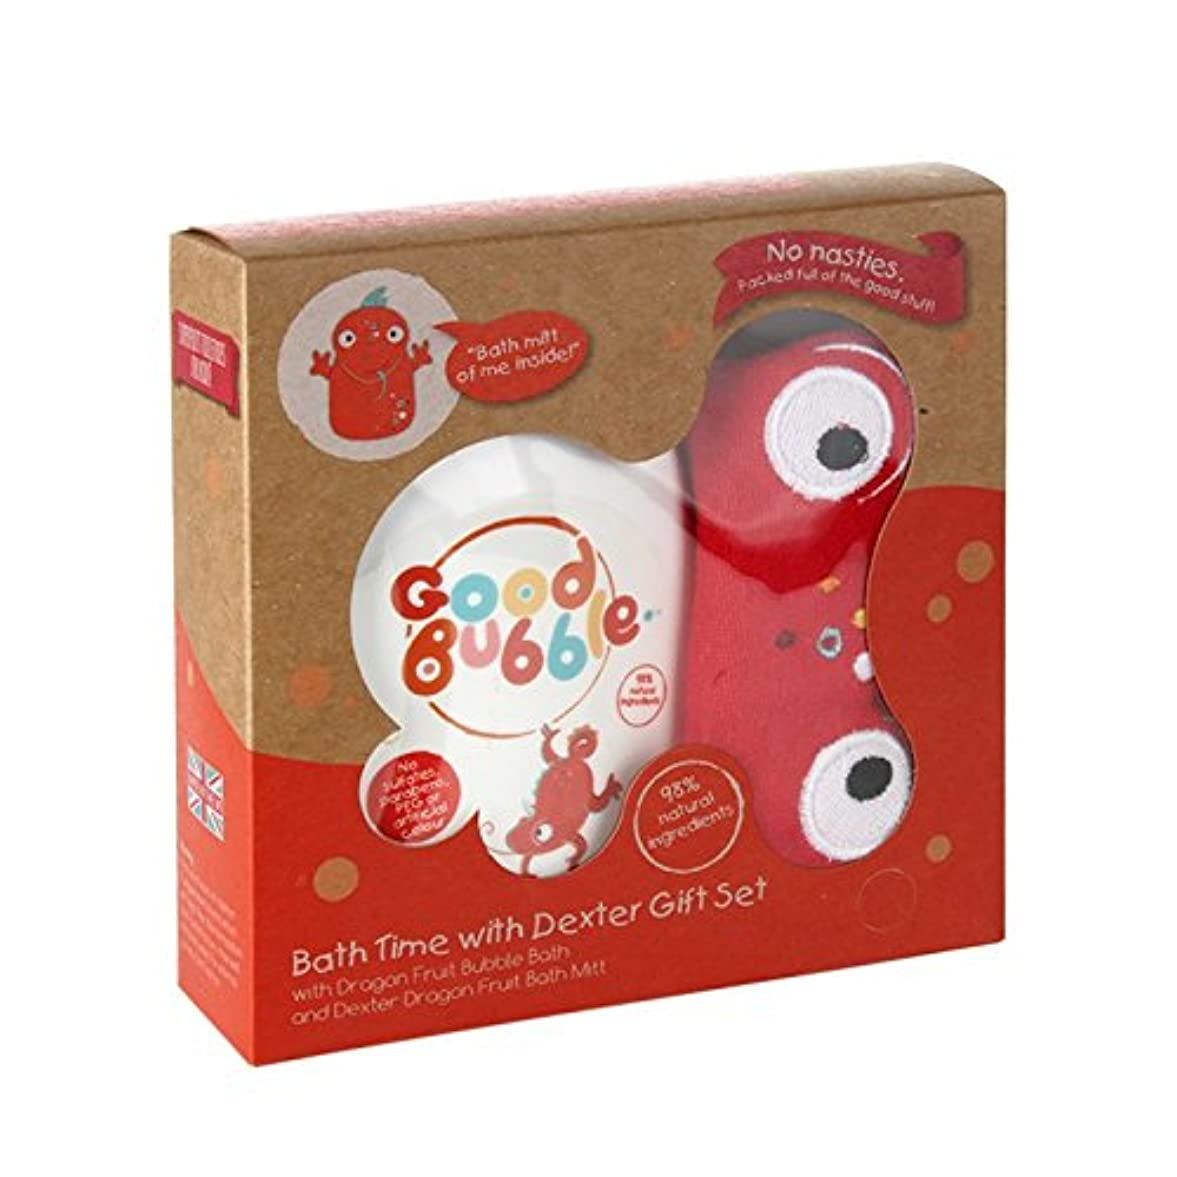 悪質な悪党セクタGood Bubble Dexter Dragonfruit Gift Set 550g (Pack of 2) - 良いバブルデクスターDragonfruitギフトセット550グラム (x2) [並行輸入品]